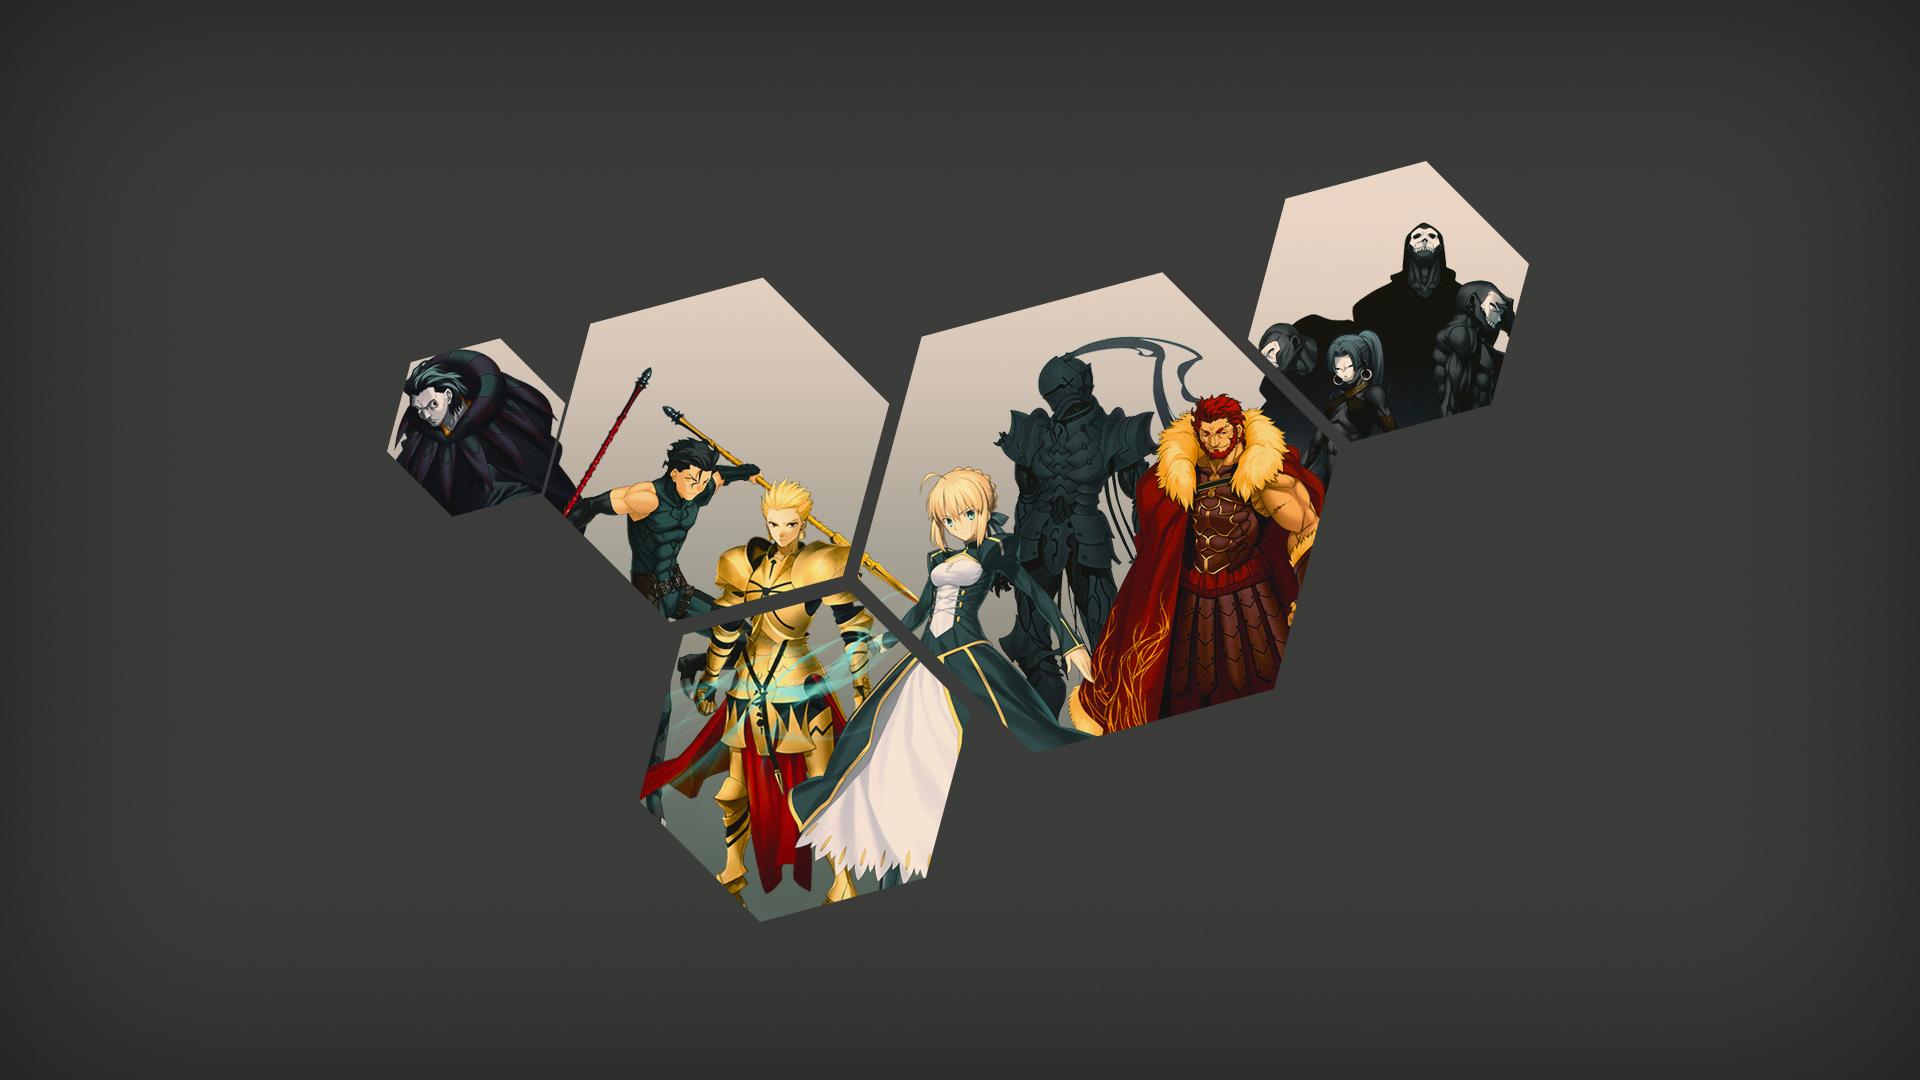 Wallpaper Fate Series Fate Zero Saber Gilgamesh Rider Fate